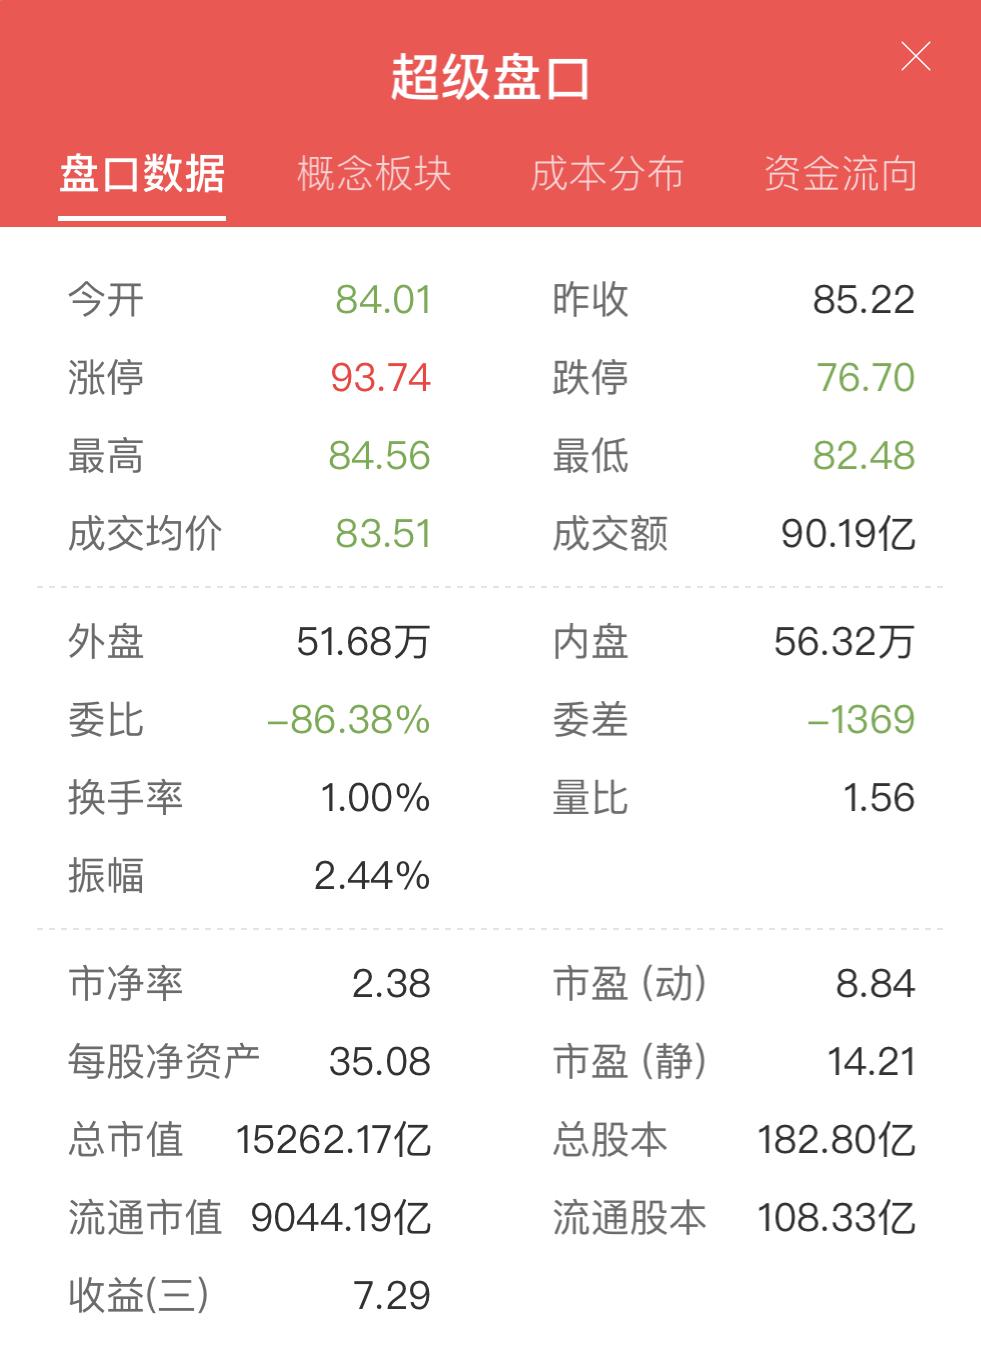 2020年1月23日中国平安超级盘口